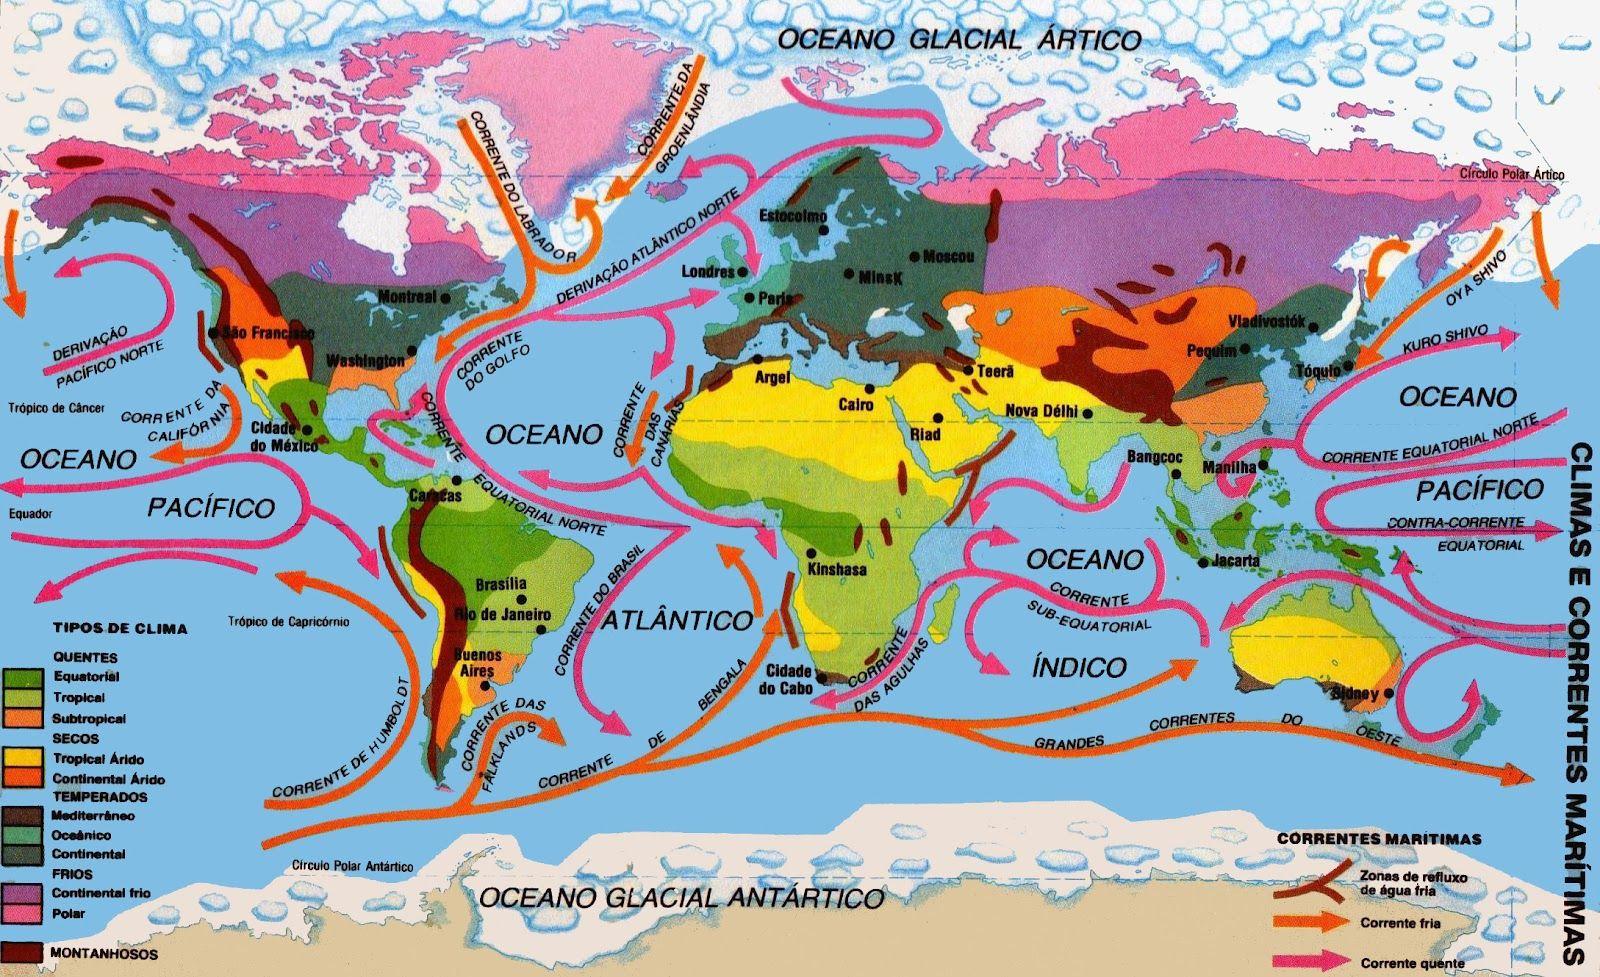 climas y corrientes